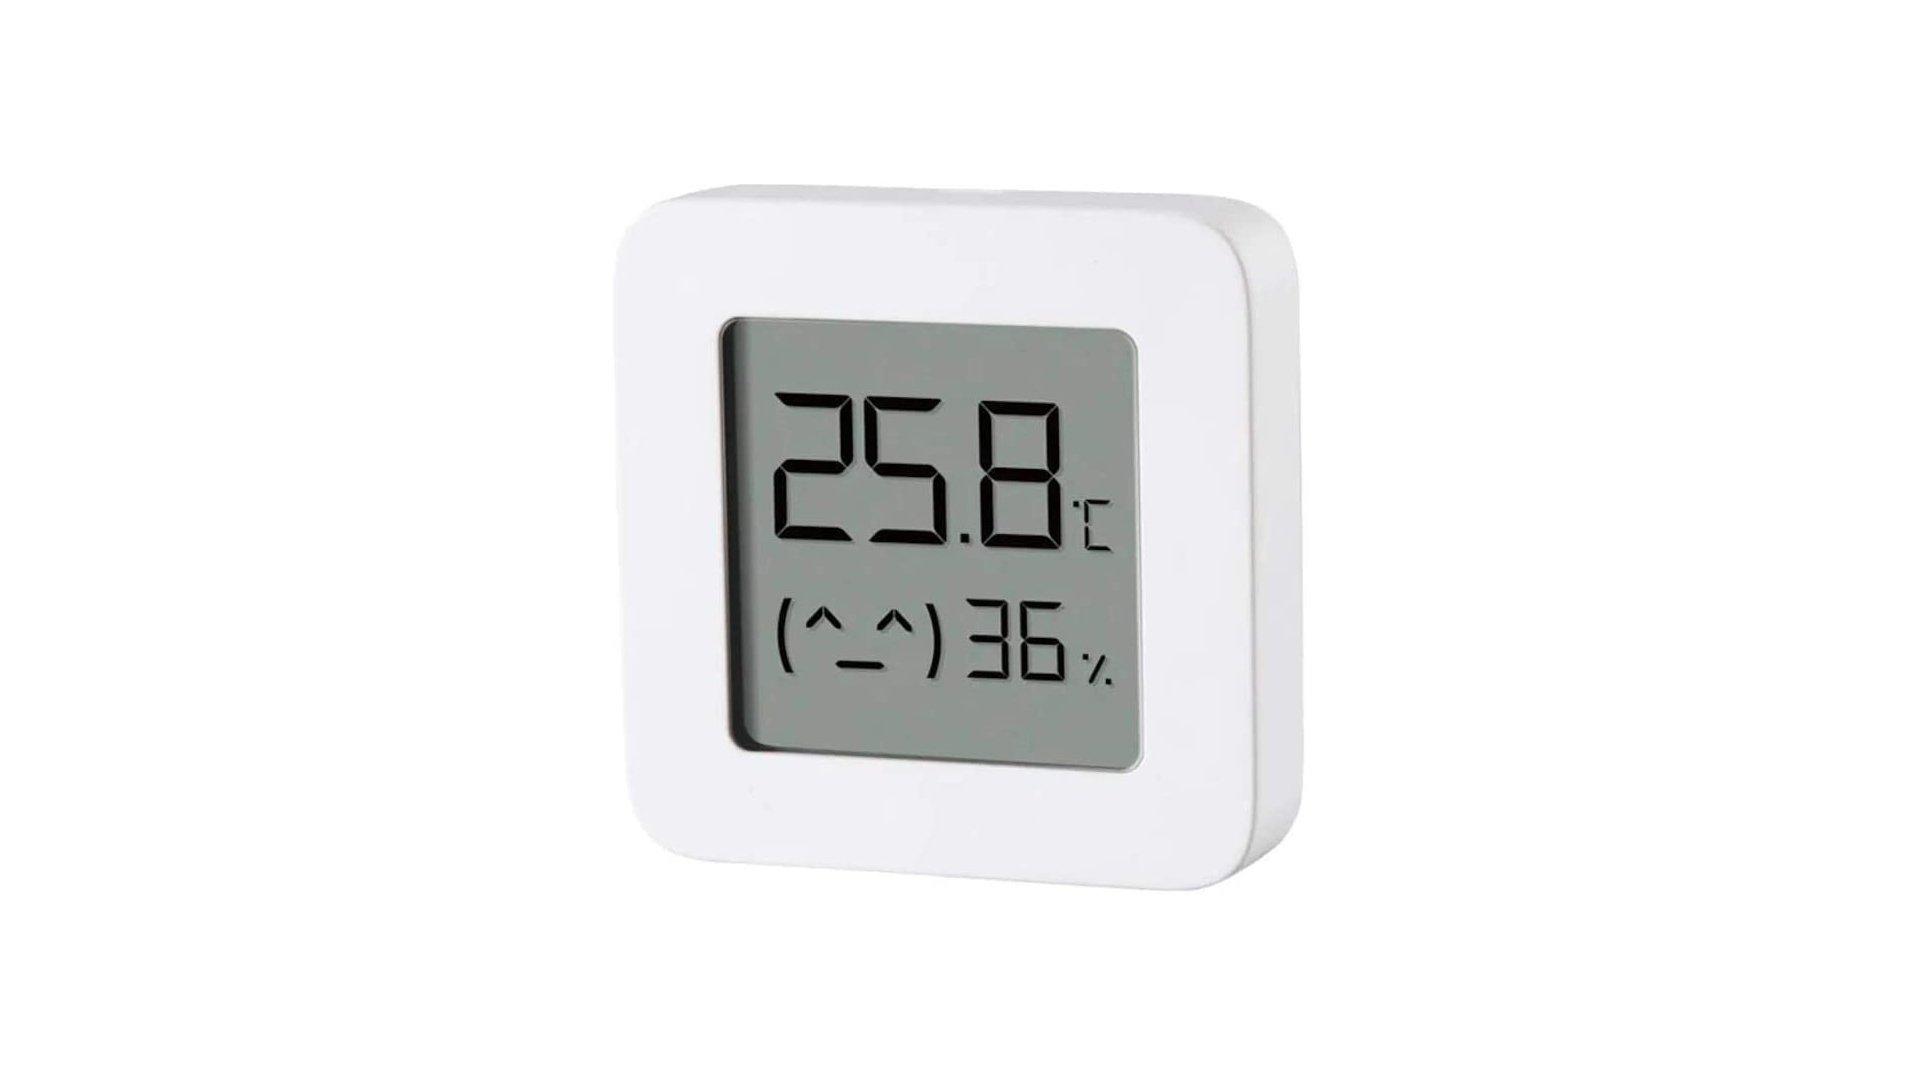 Le thermomètre et hygromètre de Xiaomi est en promotion!